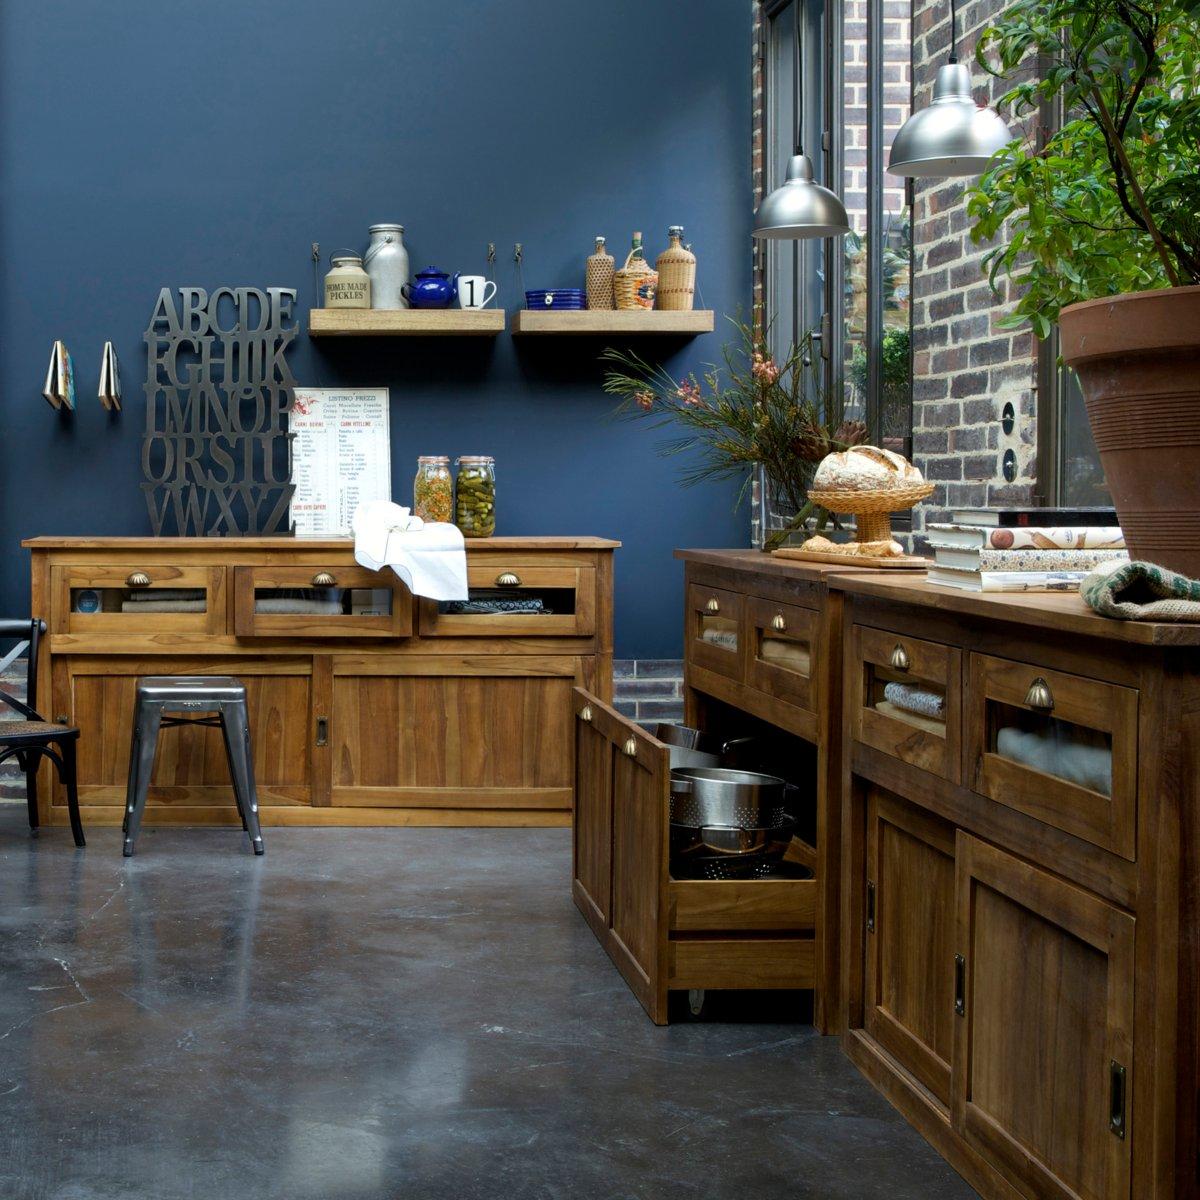 Couleur peinture cuisine actuelle tout sur la cuisine et le mobilier cuisine - Peinture sol cuisine ...